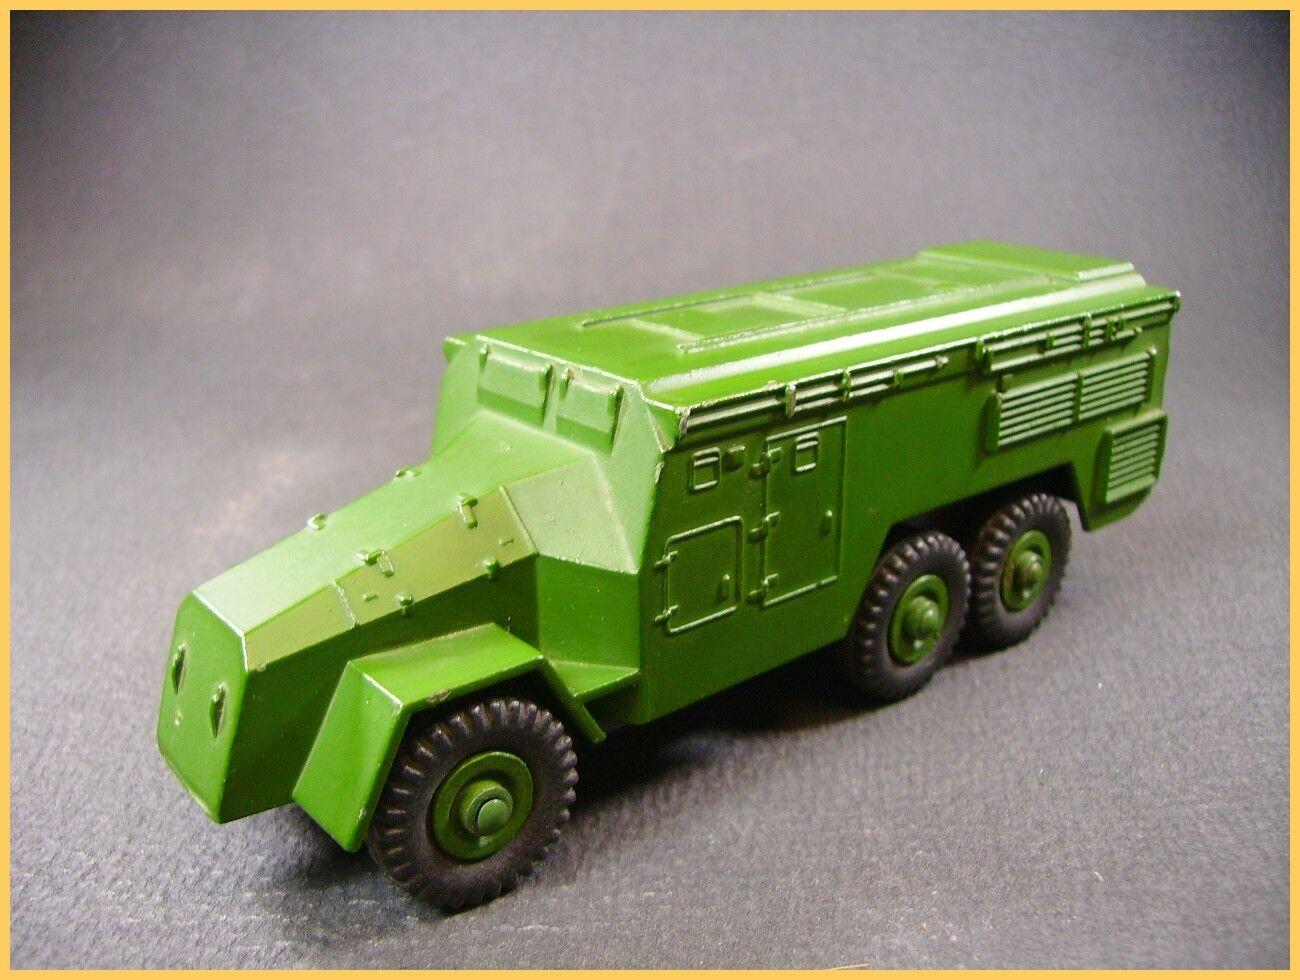 DINKY leksakS milis GB armerad kommando mot 65533;65533; hikule meccano ltd 677